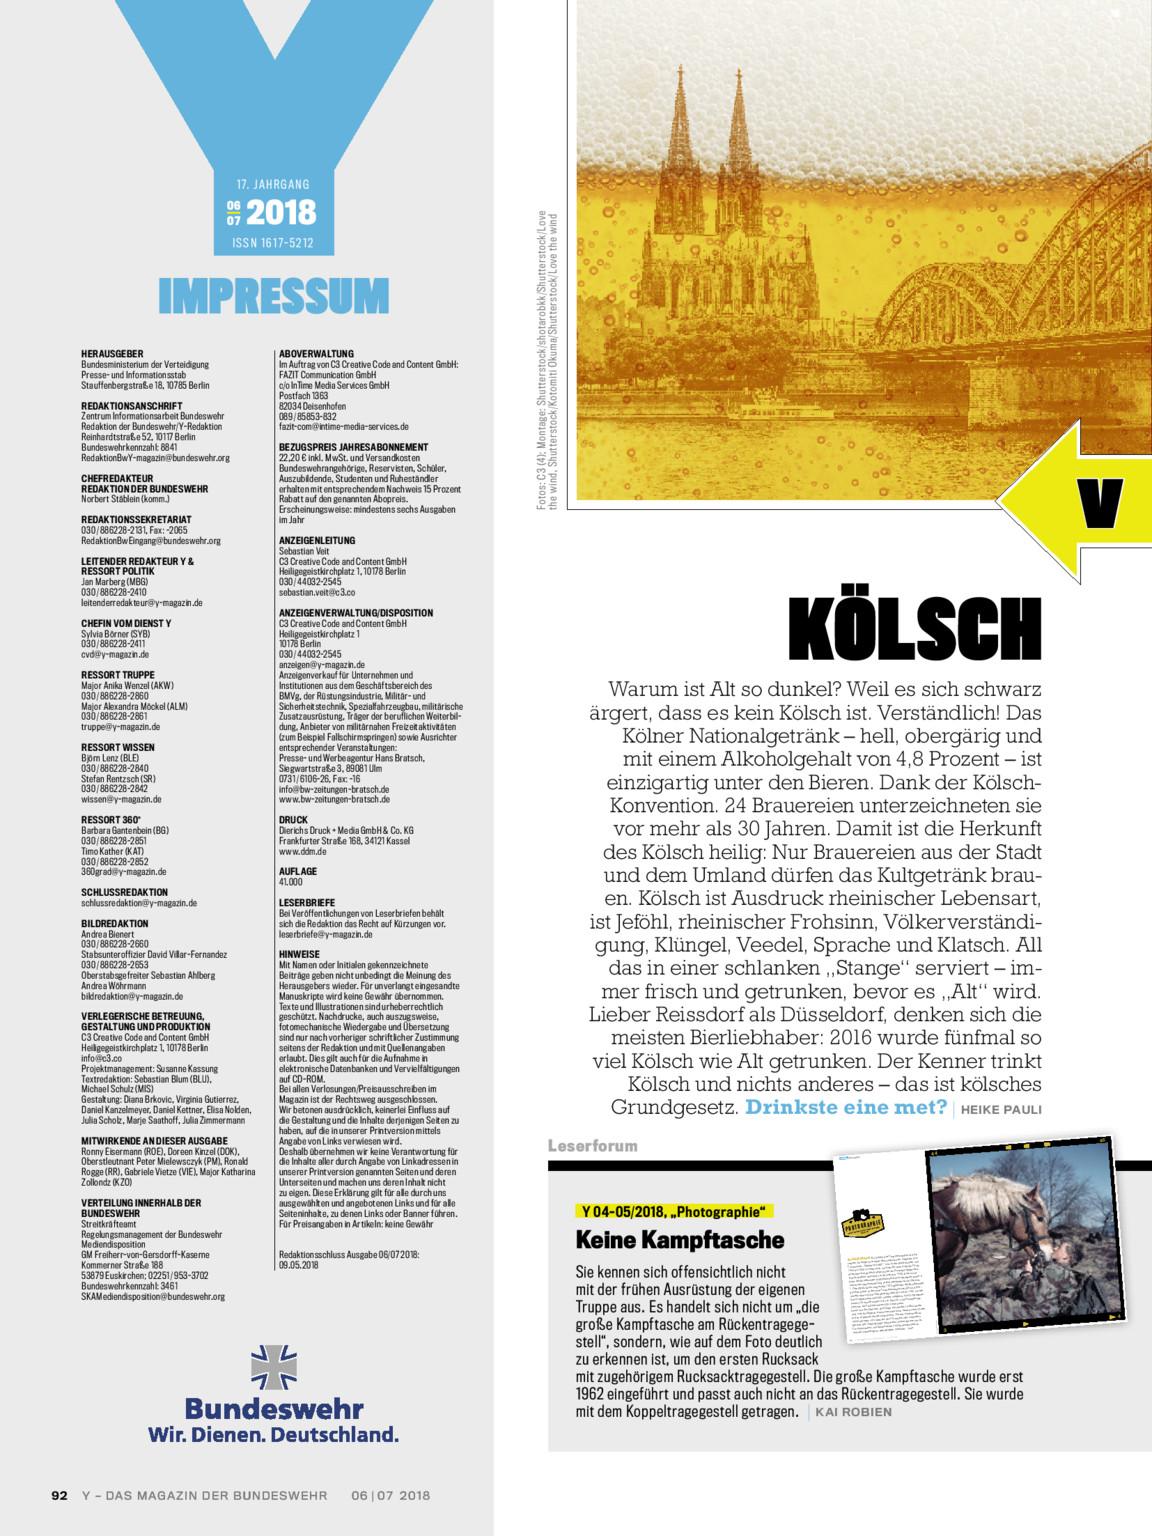 Y Magazin 0607 2018 Bundeswehr Media